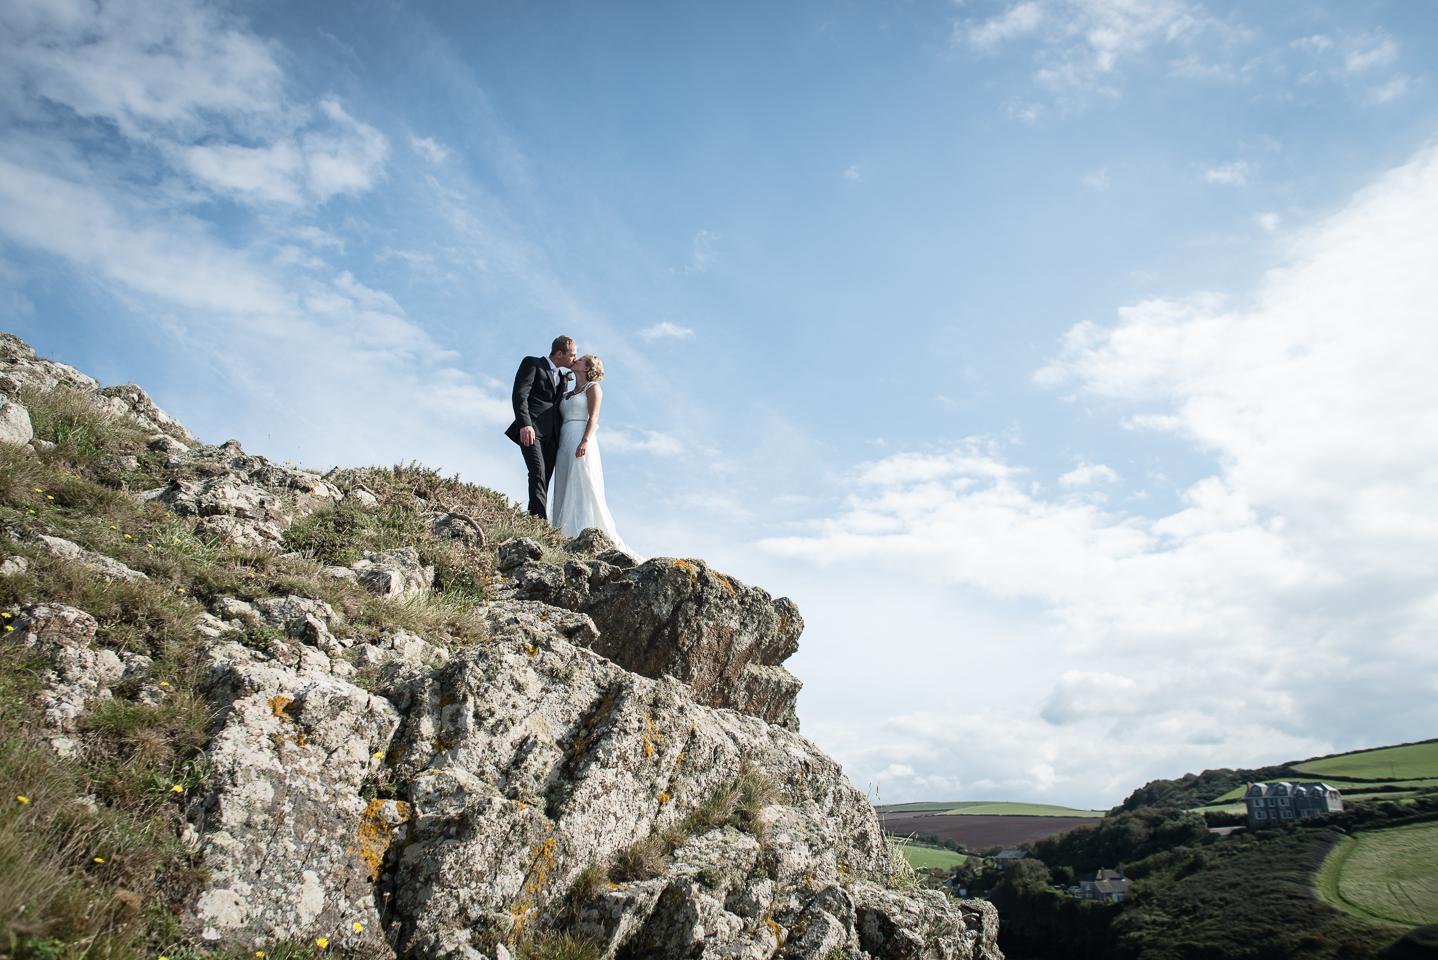 cornwall cliff top wedding